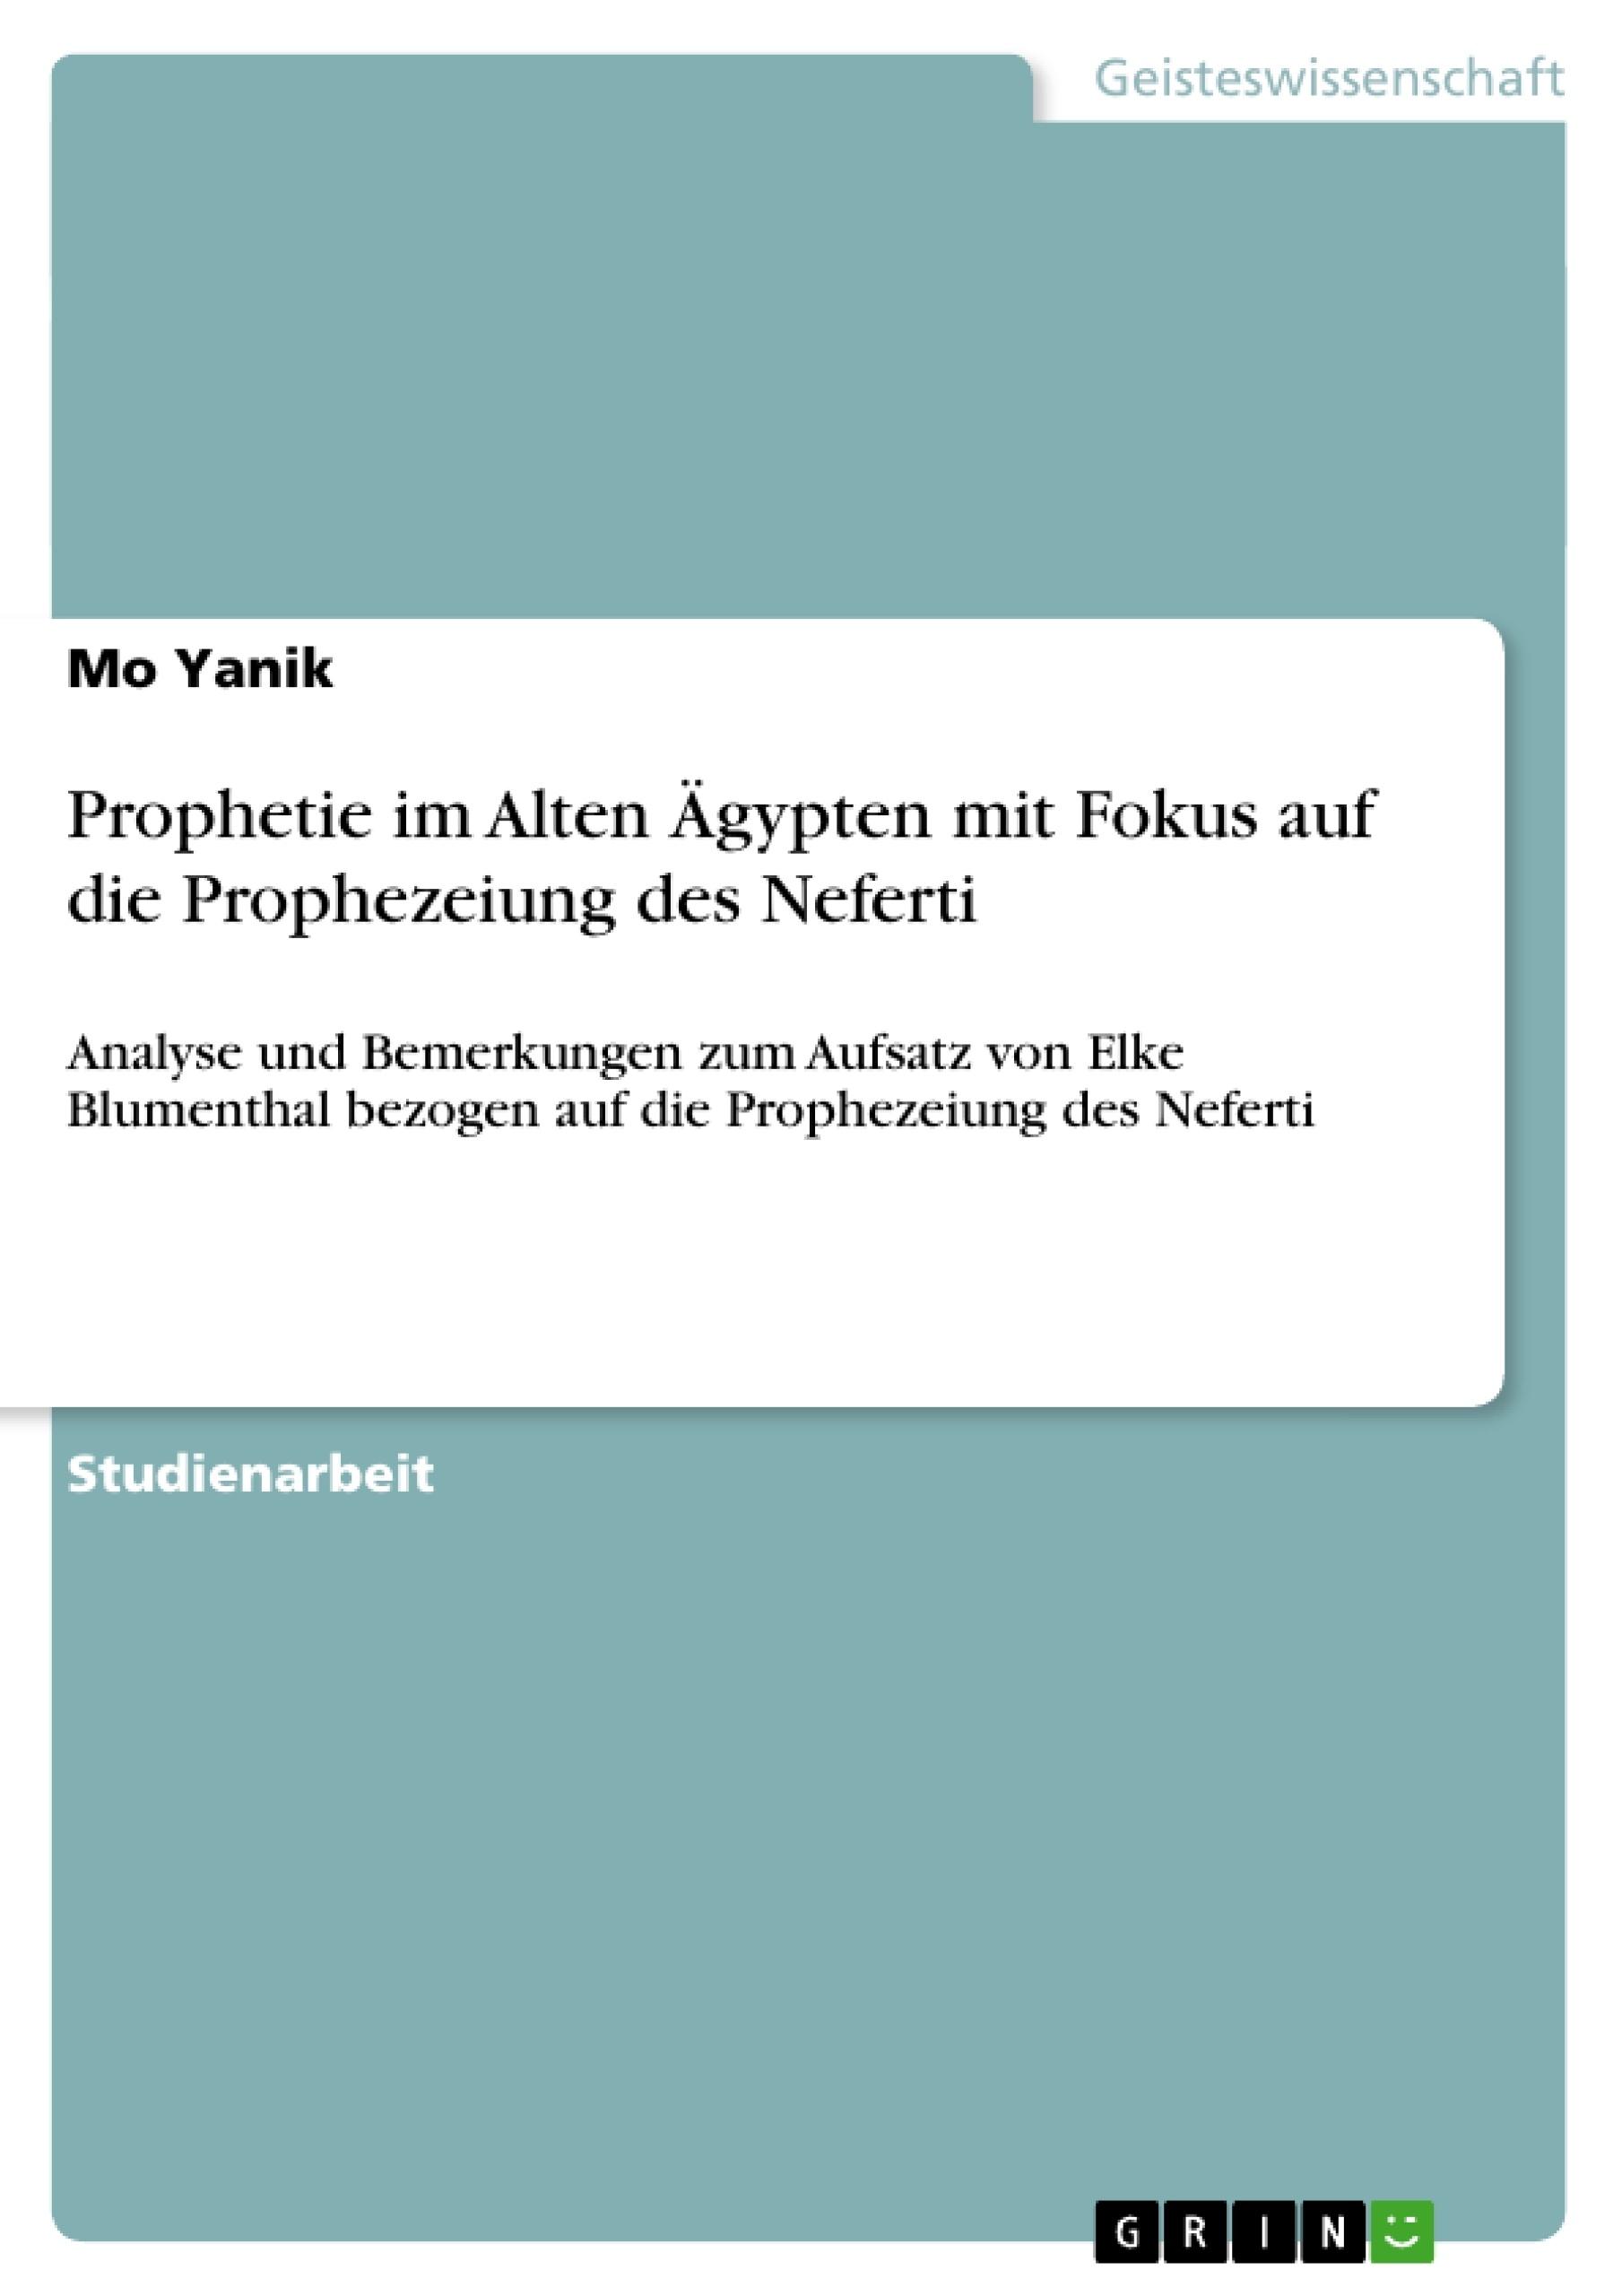 Titel: Prophetie im Alten Ägypten mit Fokus auf die Prophezeiung des Neferti